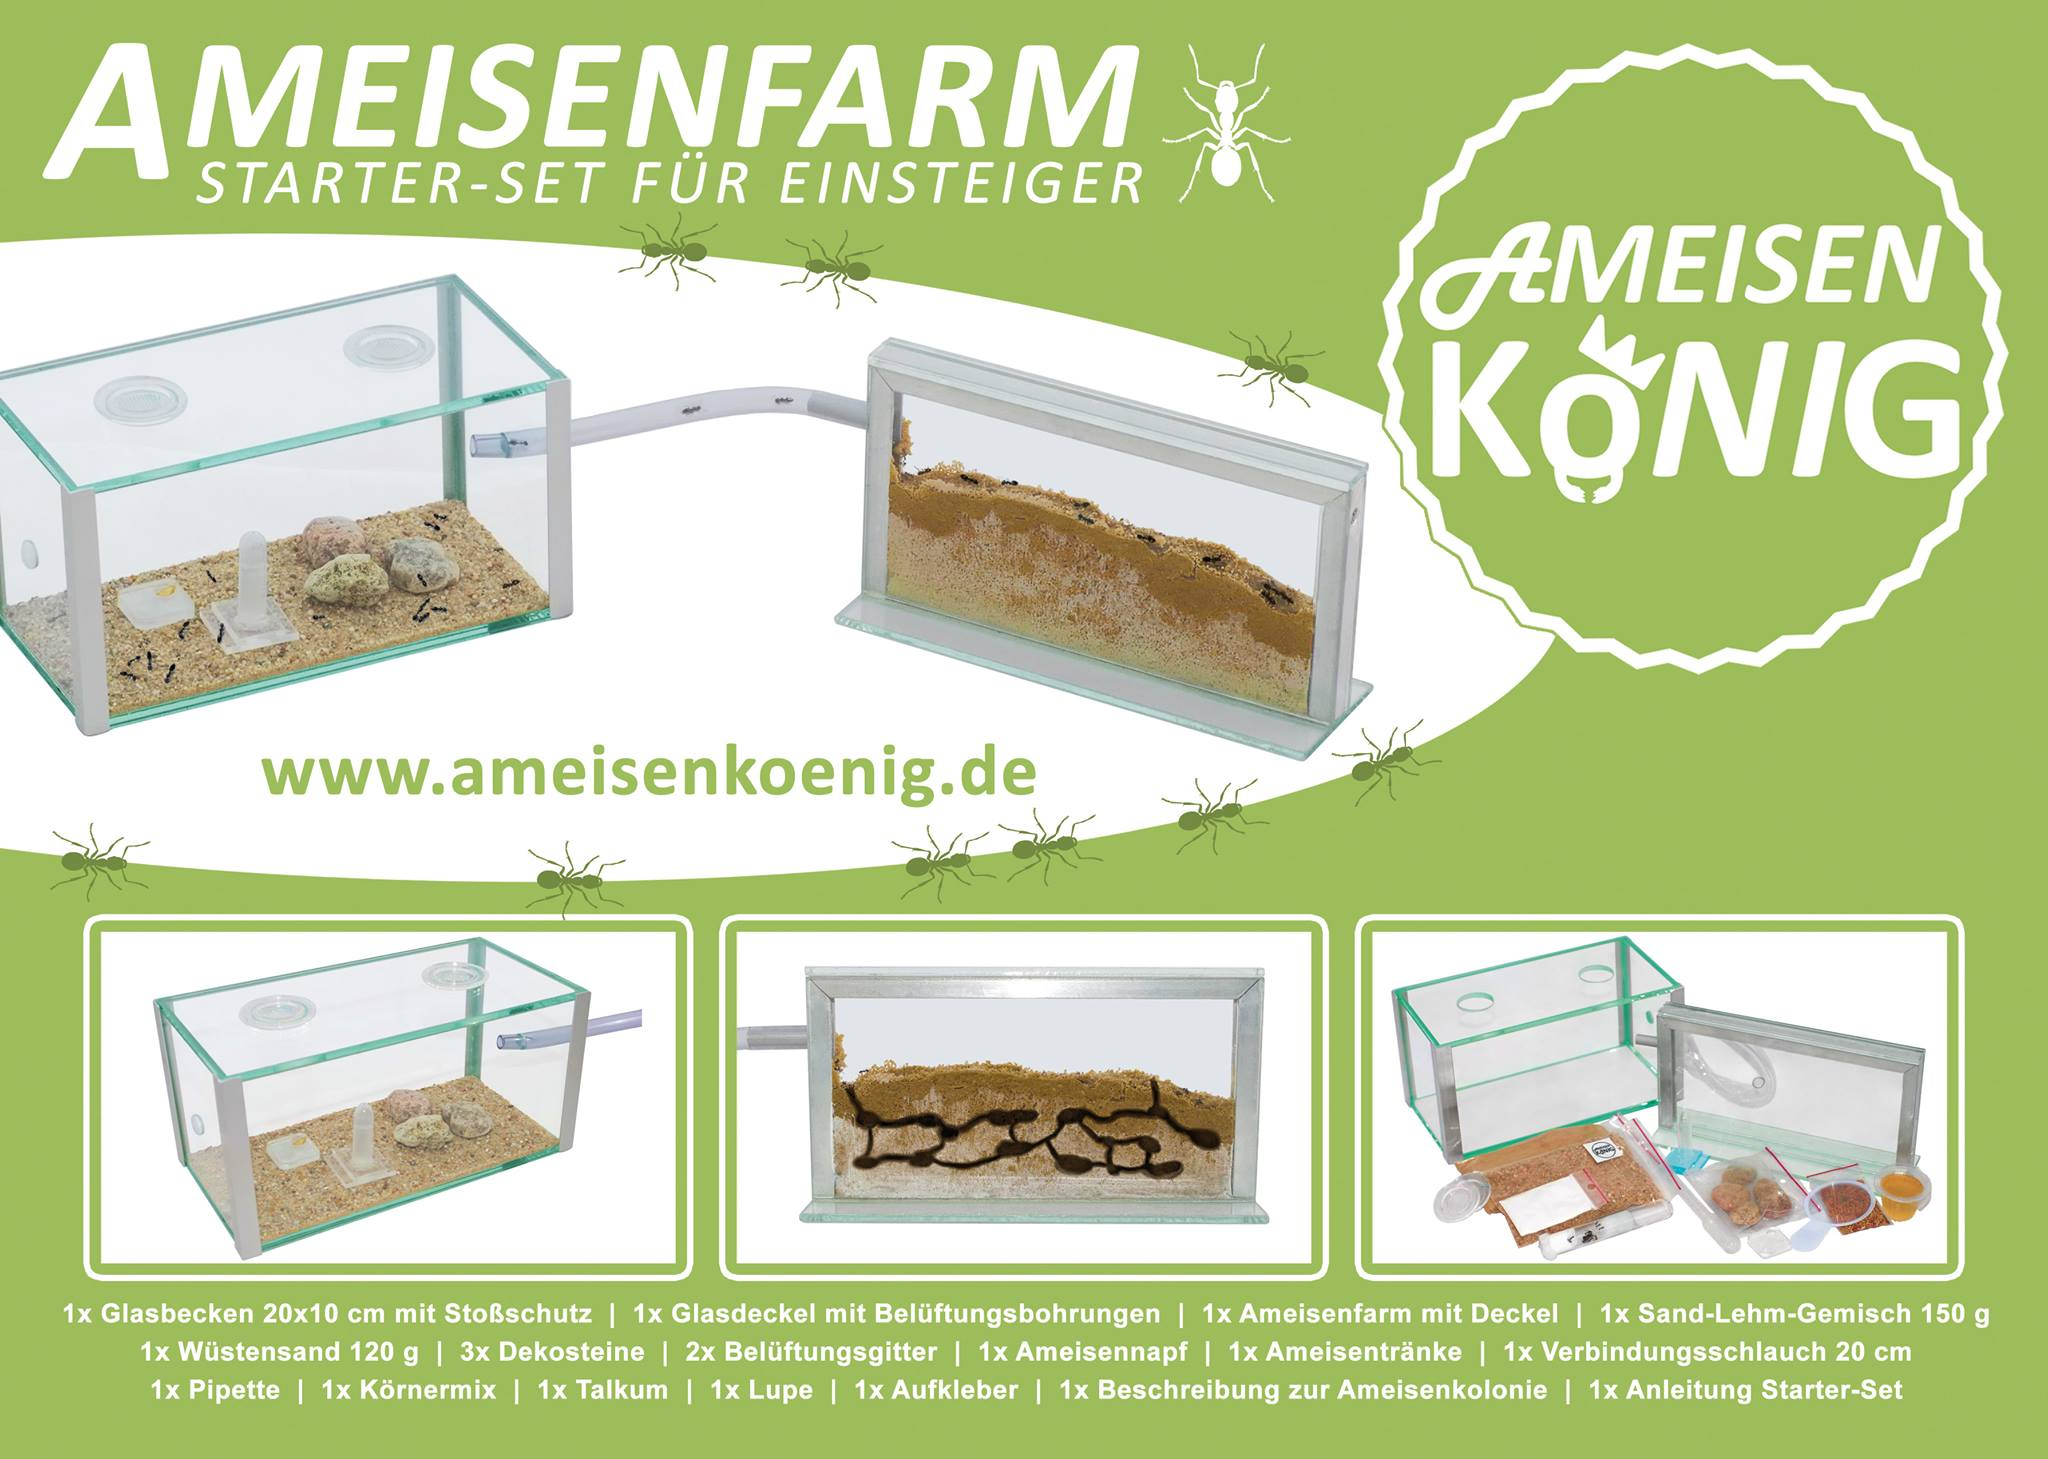 Ameisenfarm mit ameisen